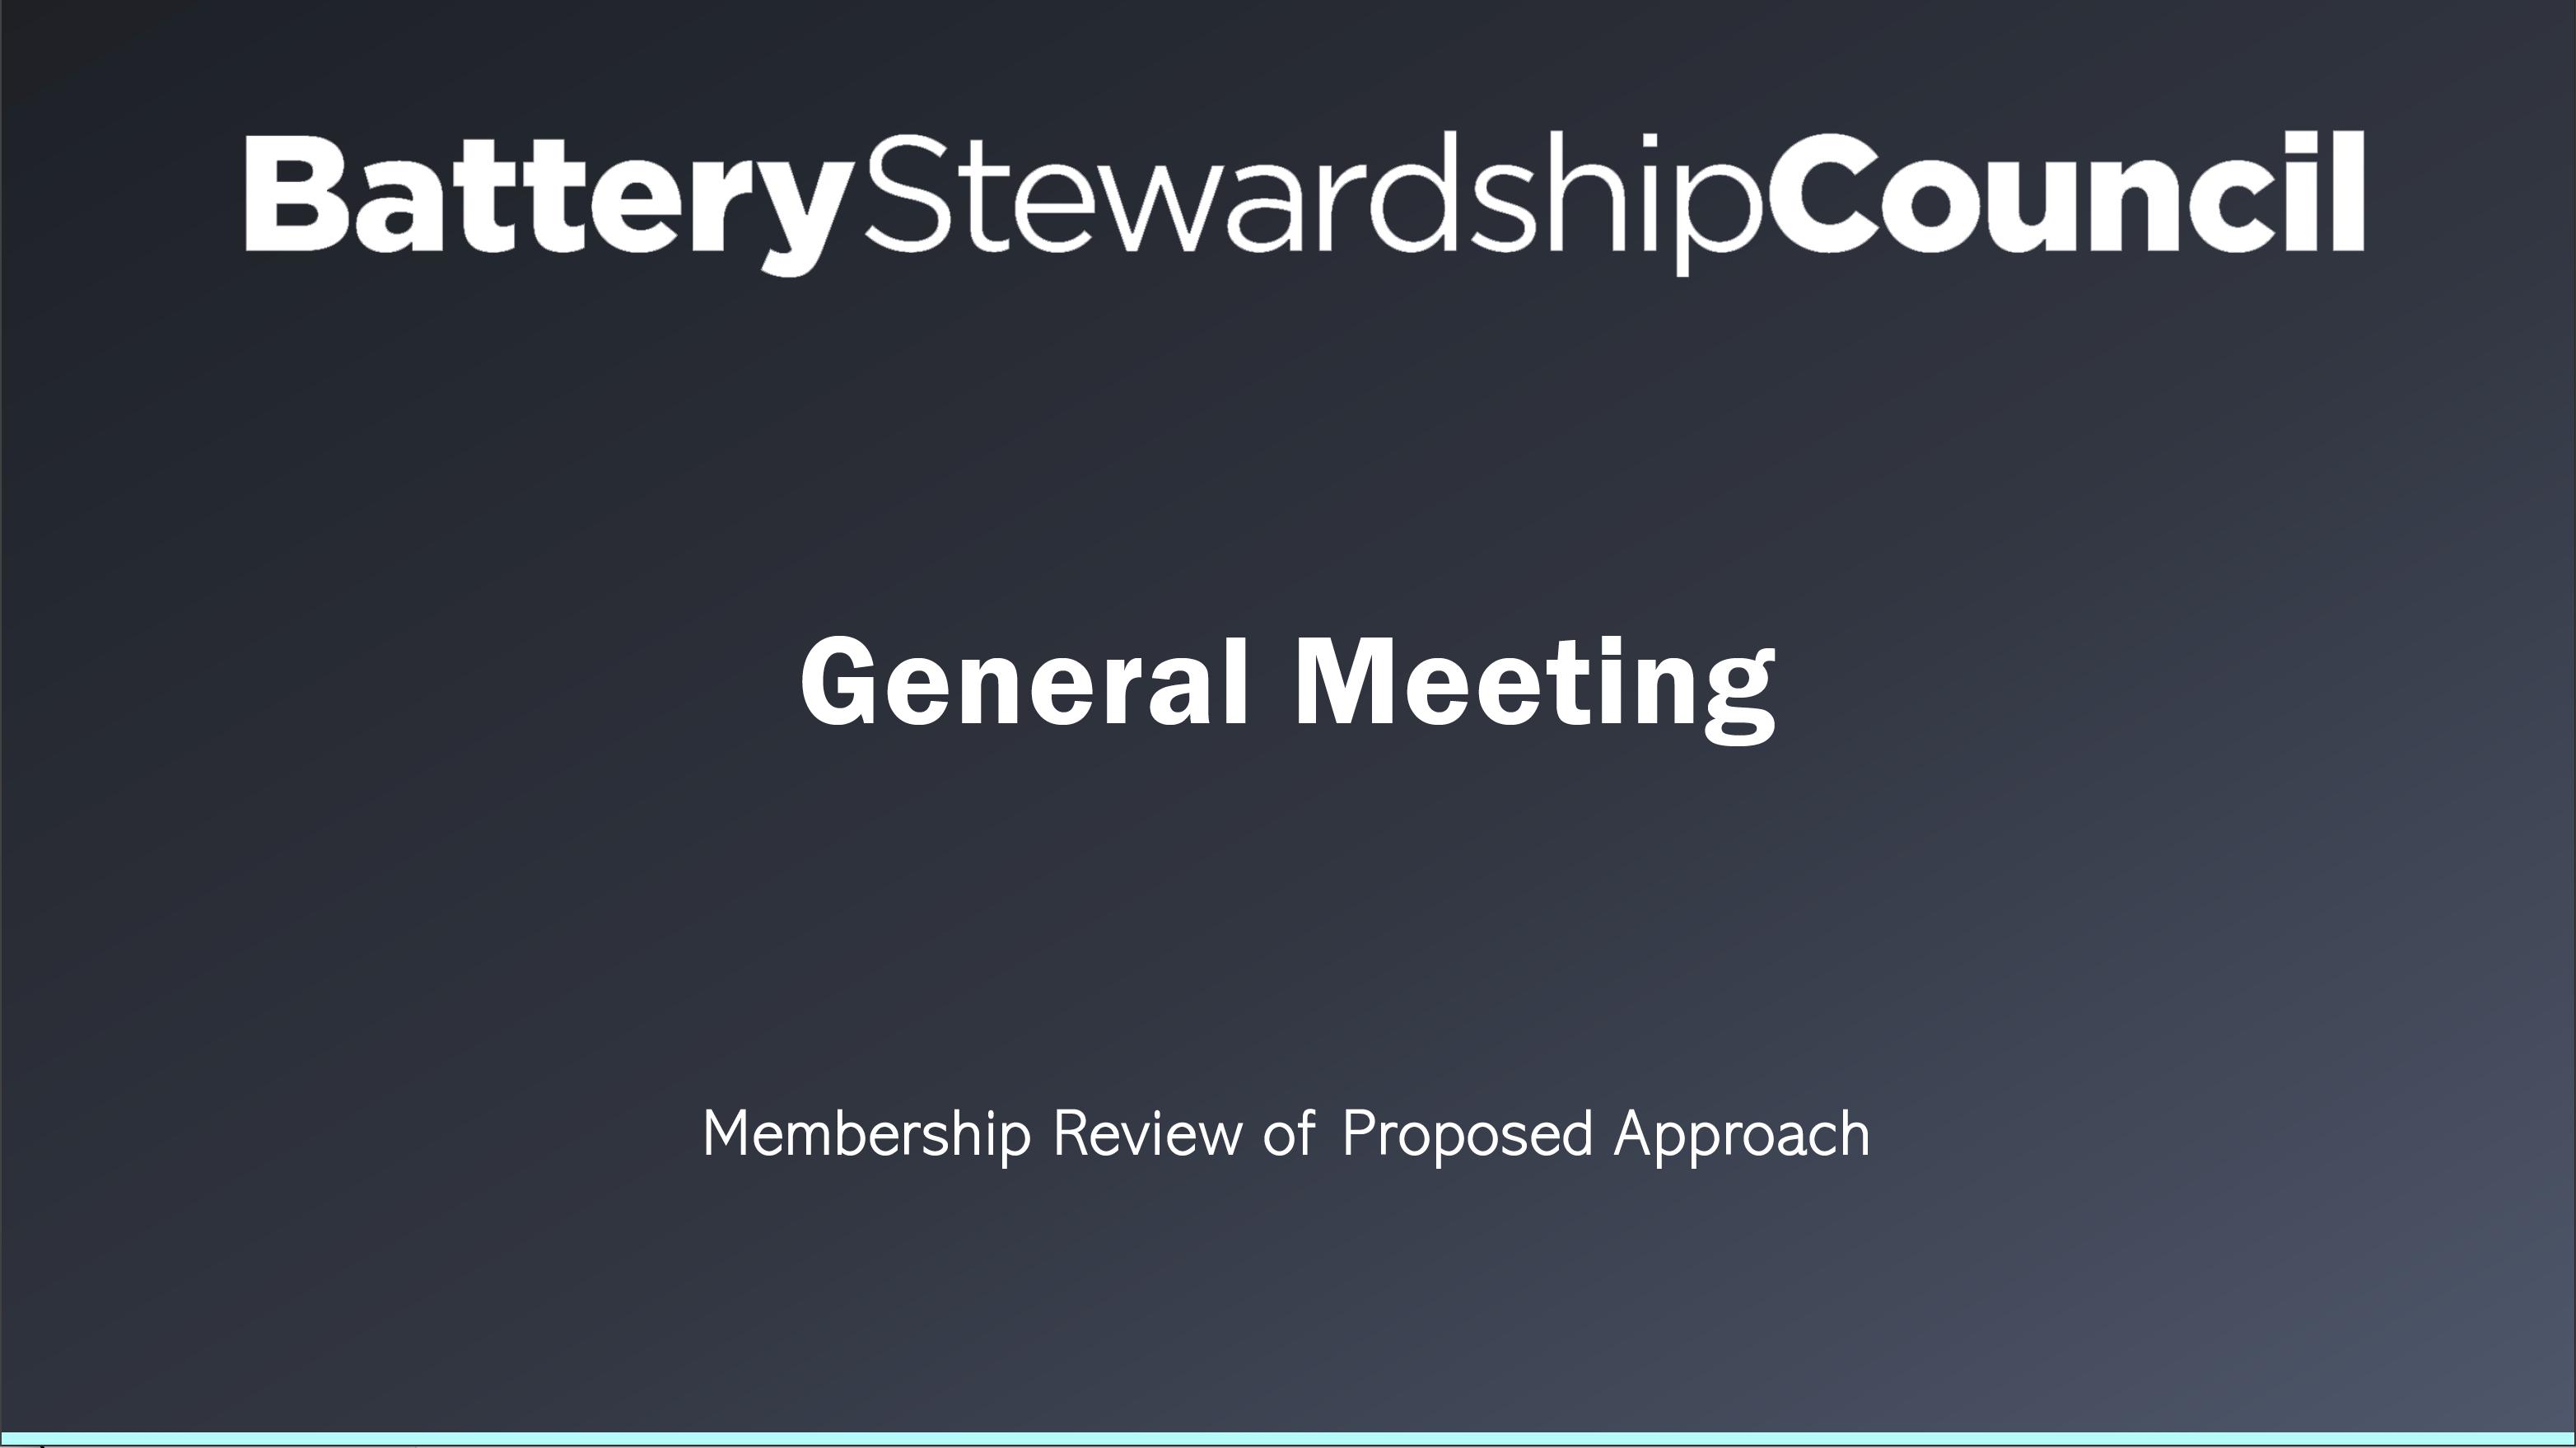 BSC General Meeting